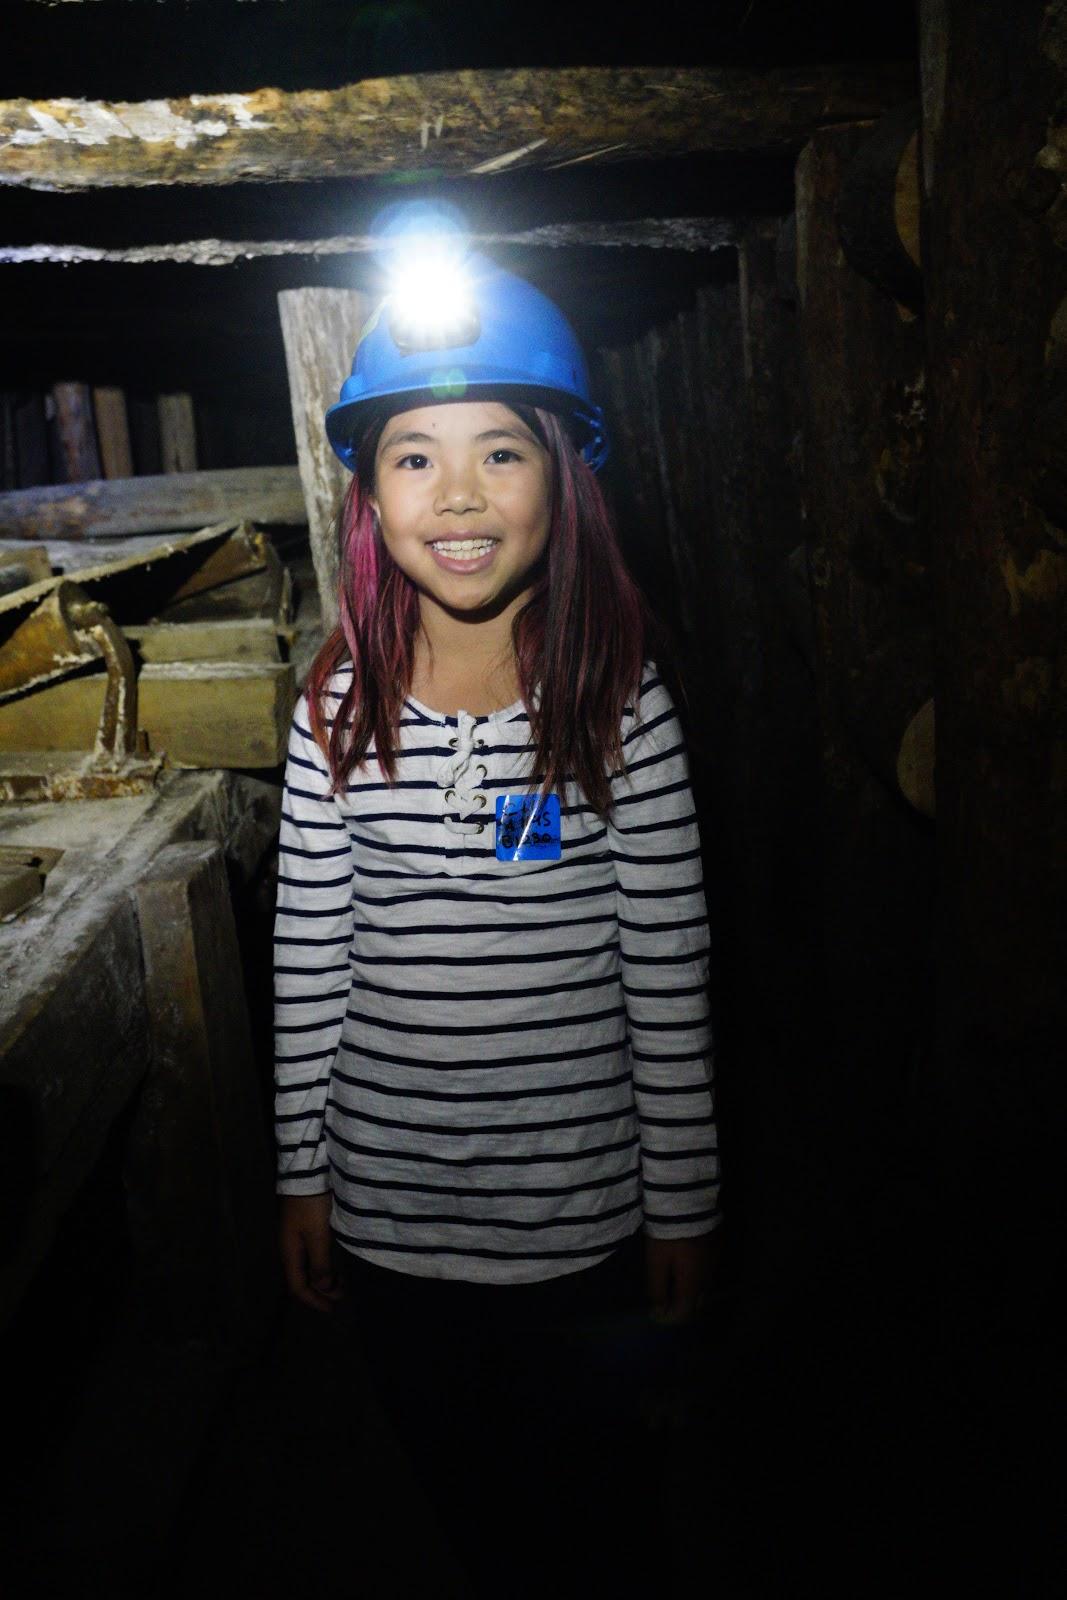 Mini Miner at Atlas Coal Mine